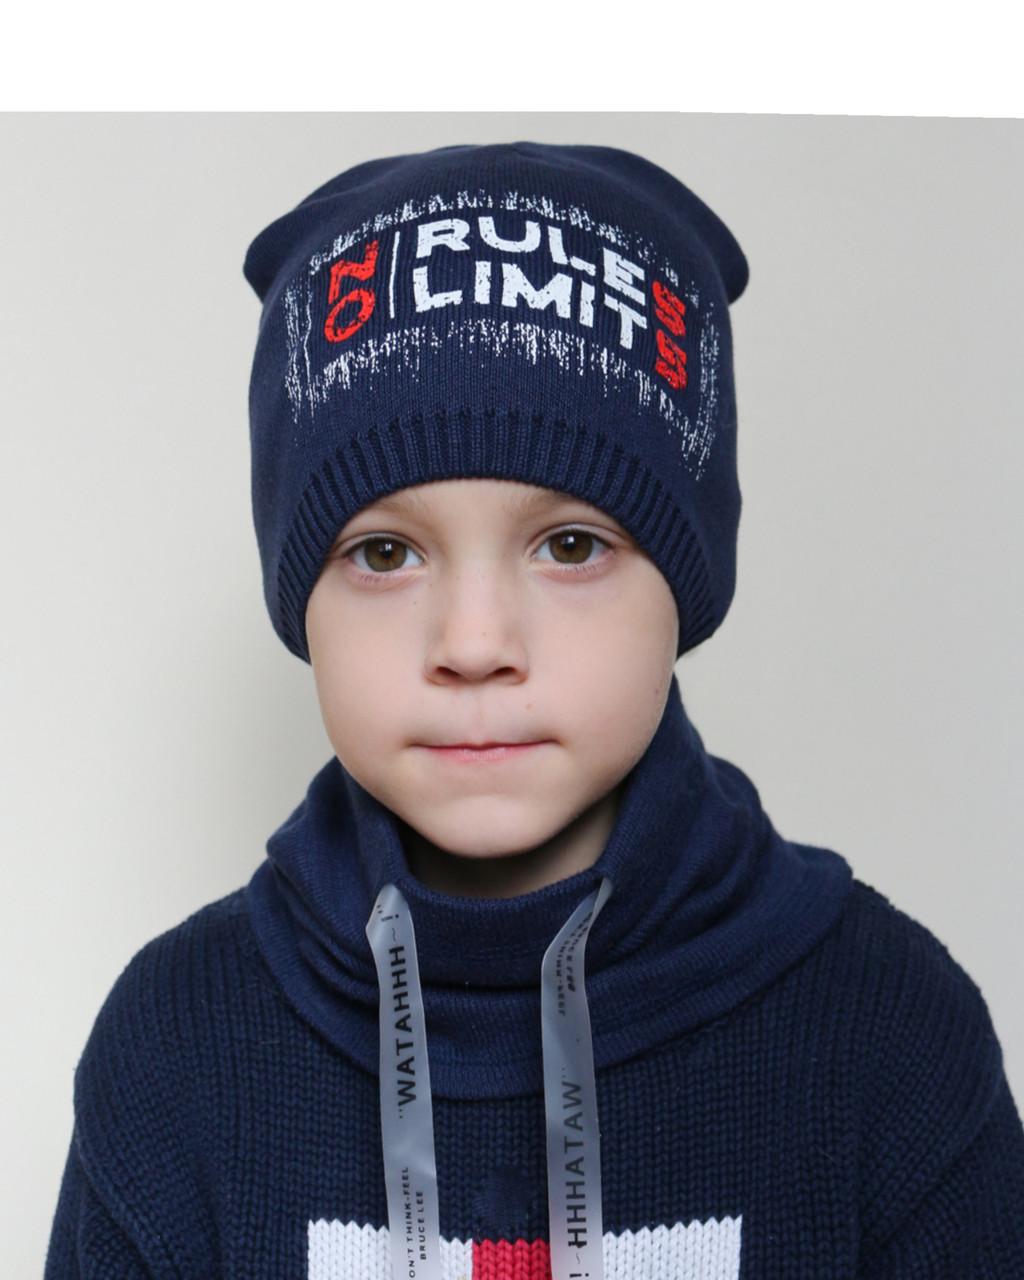 №128 Новинка! Детская шапка NO RULES р.48-54( 2-6 лет) т.син, т.сер, бордо, черный